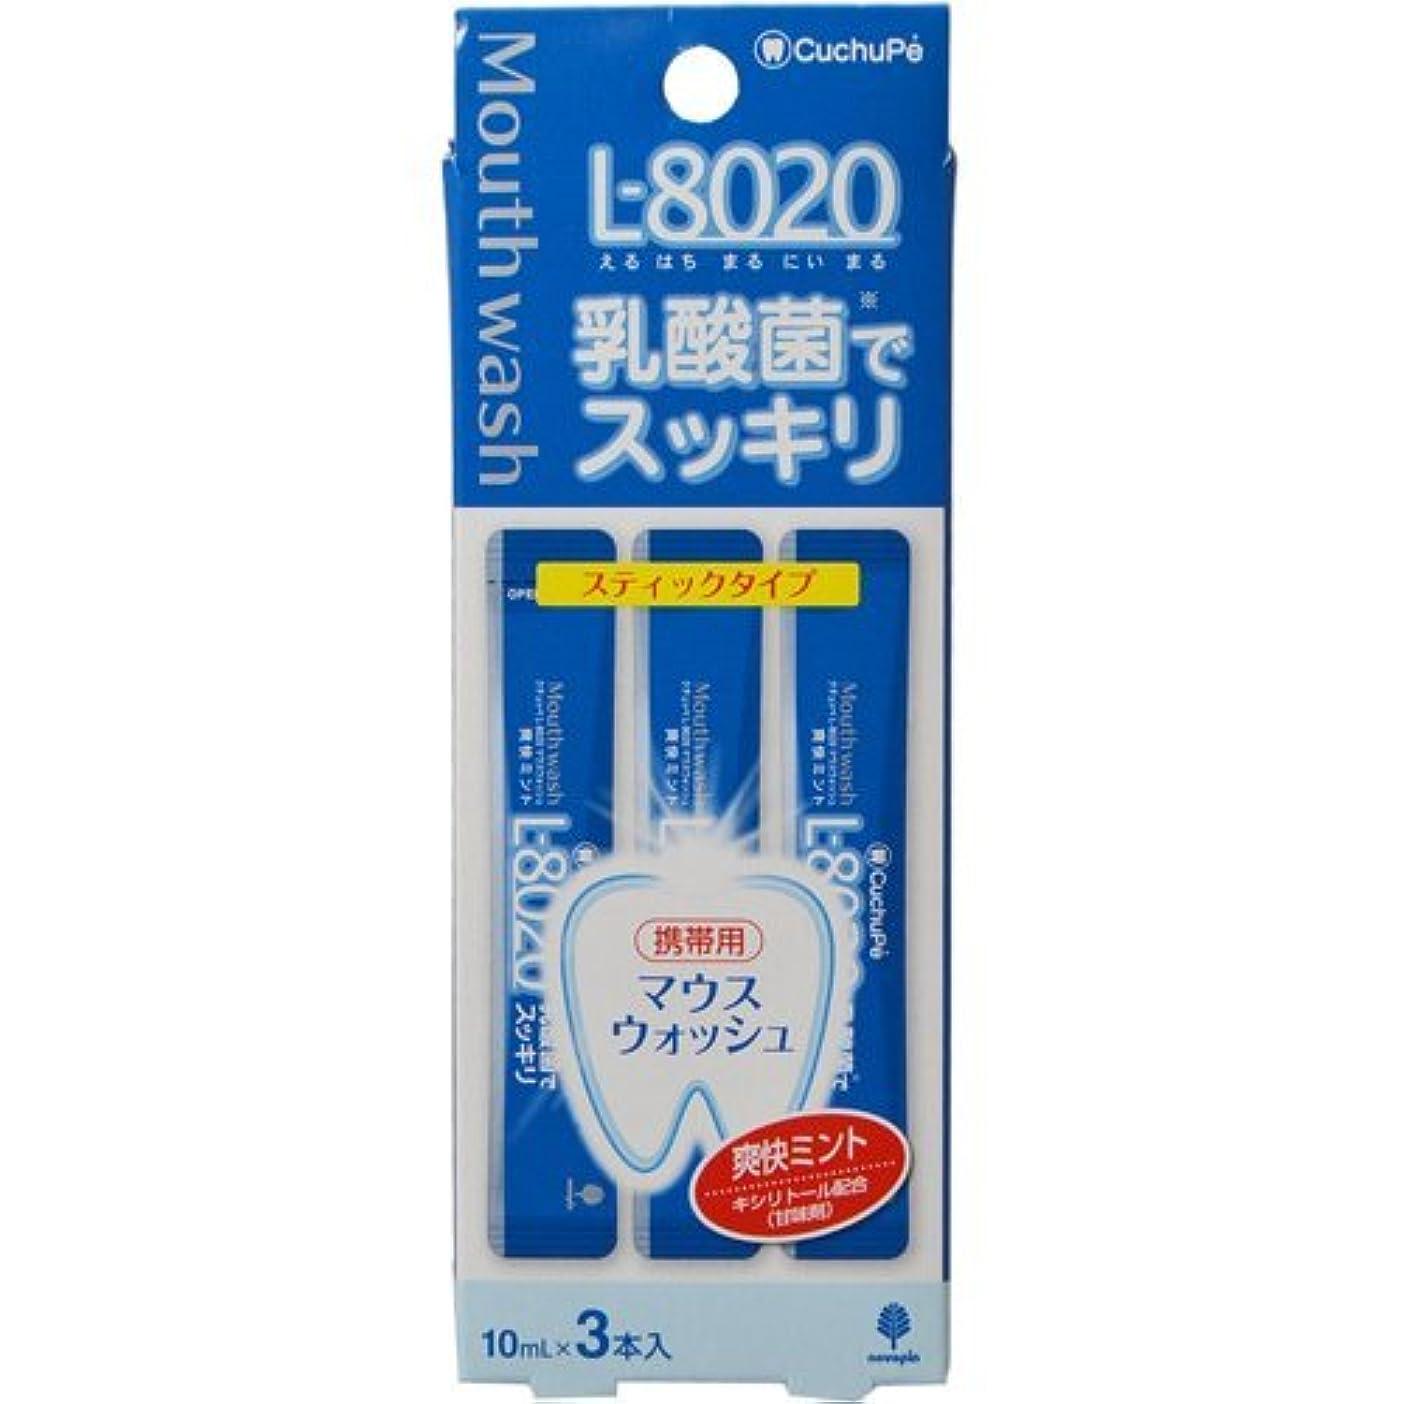 それによってスロット意見クチュッペL-8020爽快ミントスティックタイプ3本入(アルコール) 【まとめ買い10個セット】 K-7045